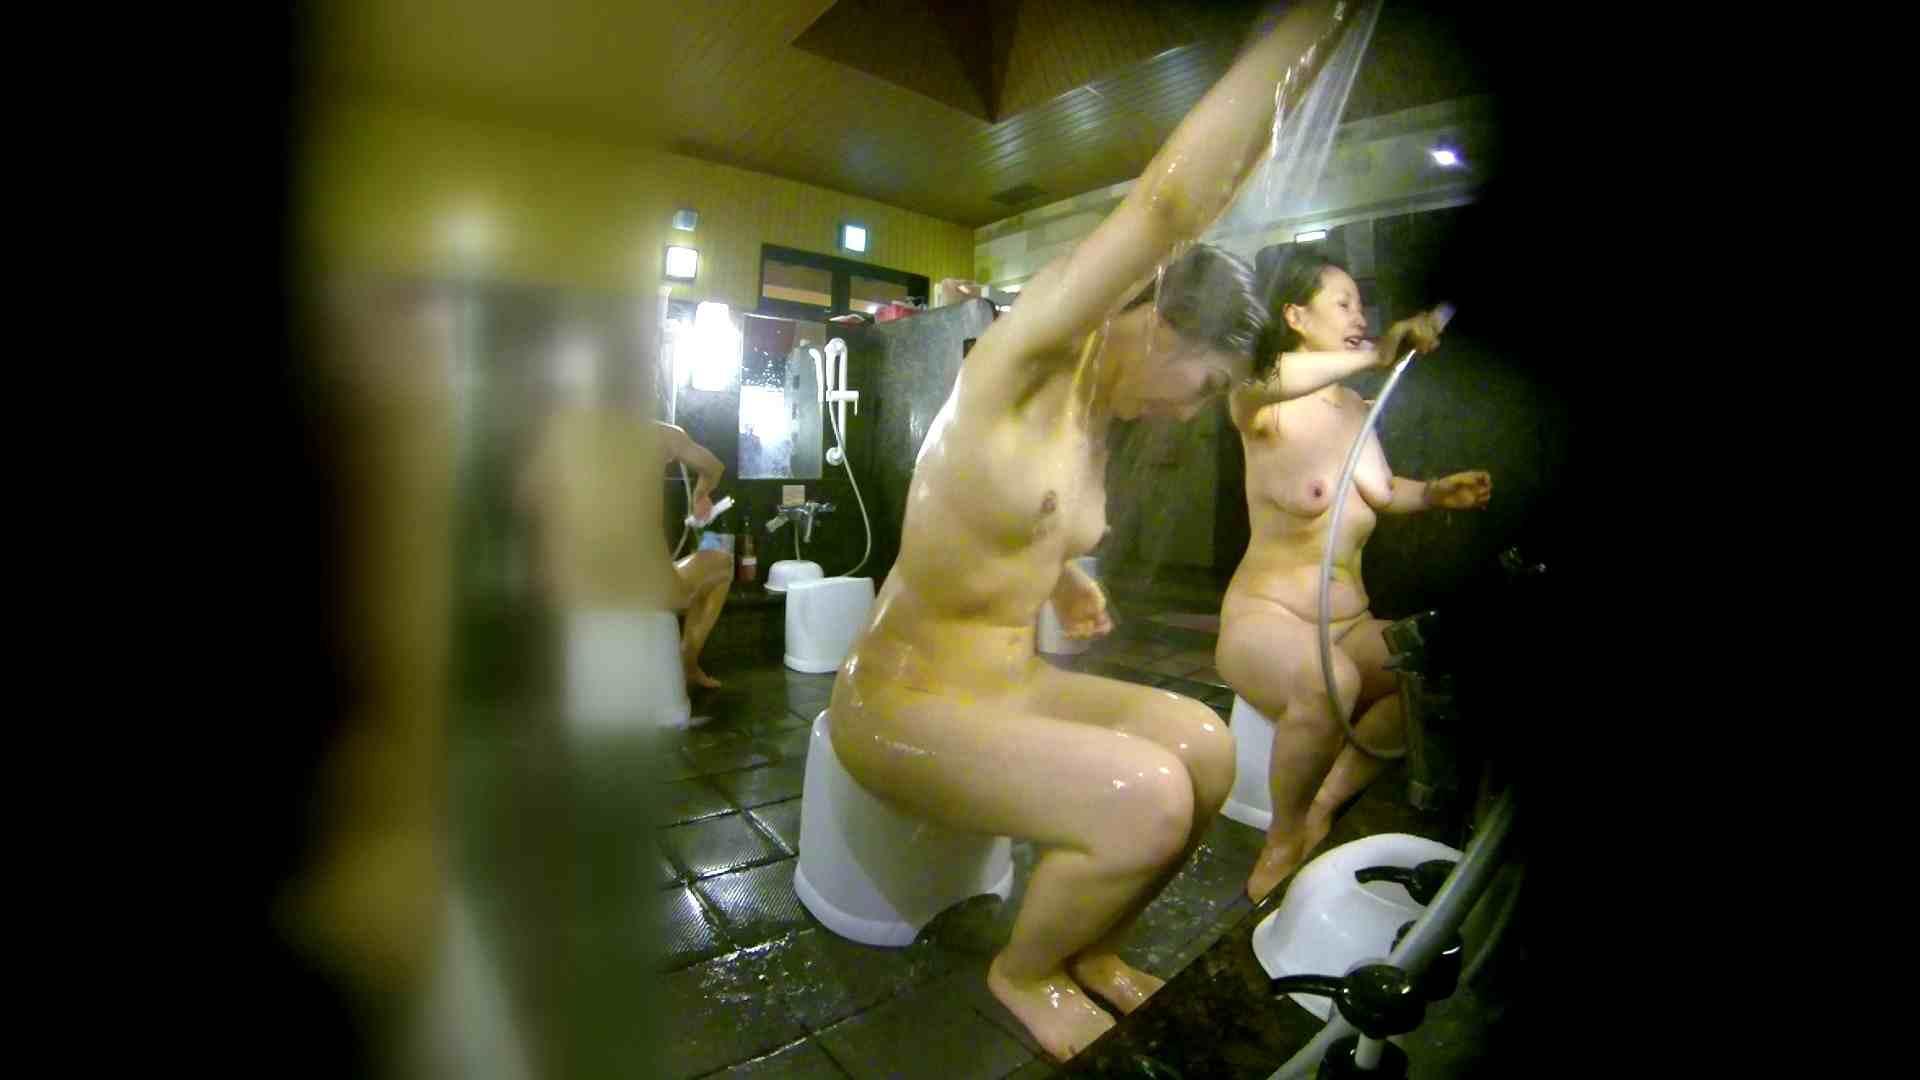 洗い場!右足の位置がいいですね。陰毛もっさり! 銭湯のぞき  74画像 42